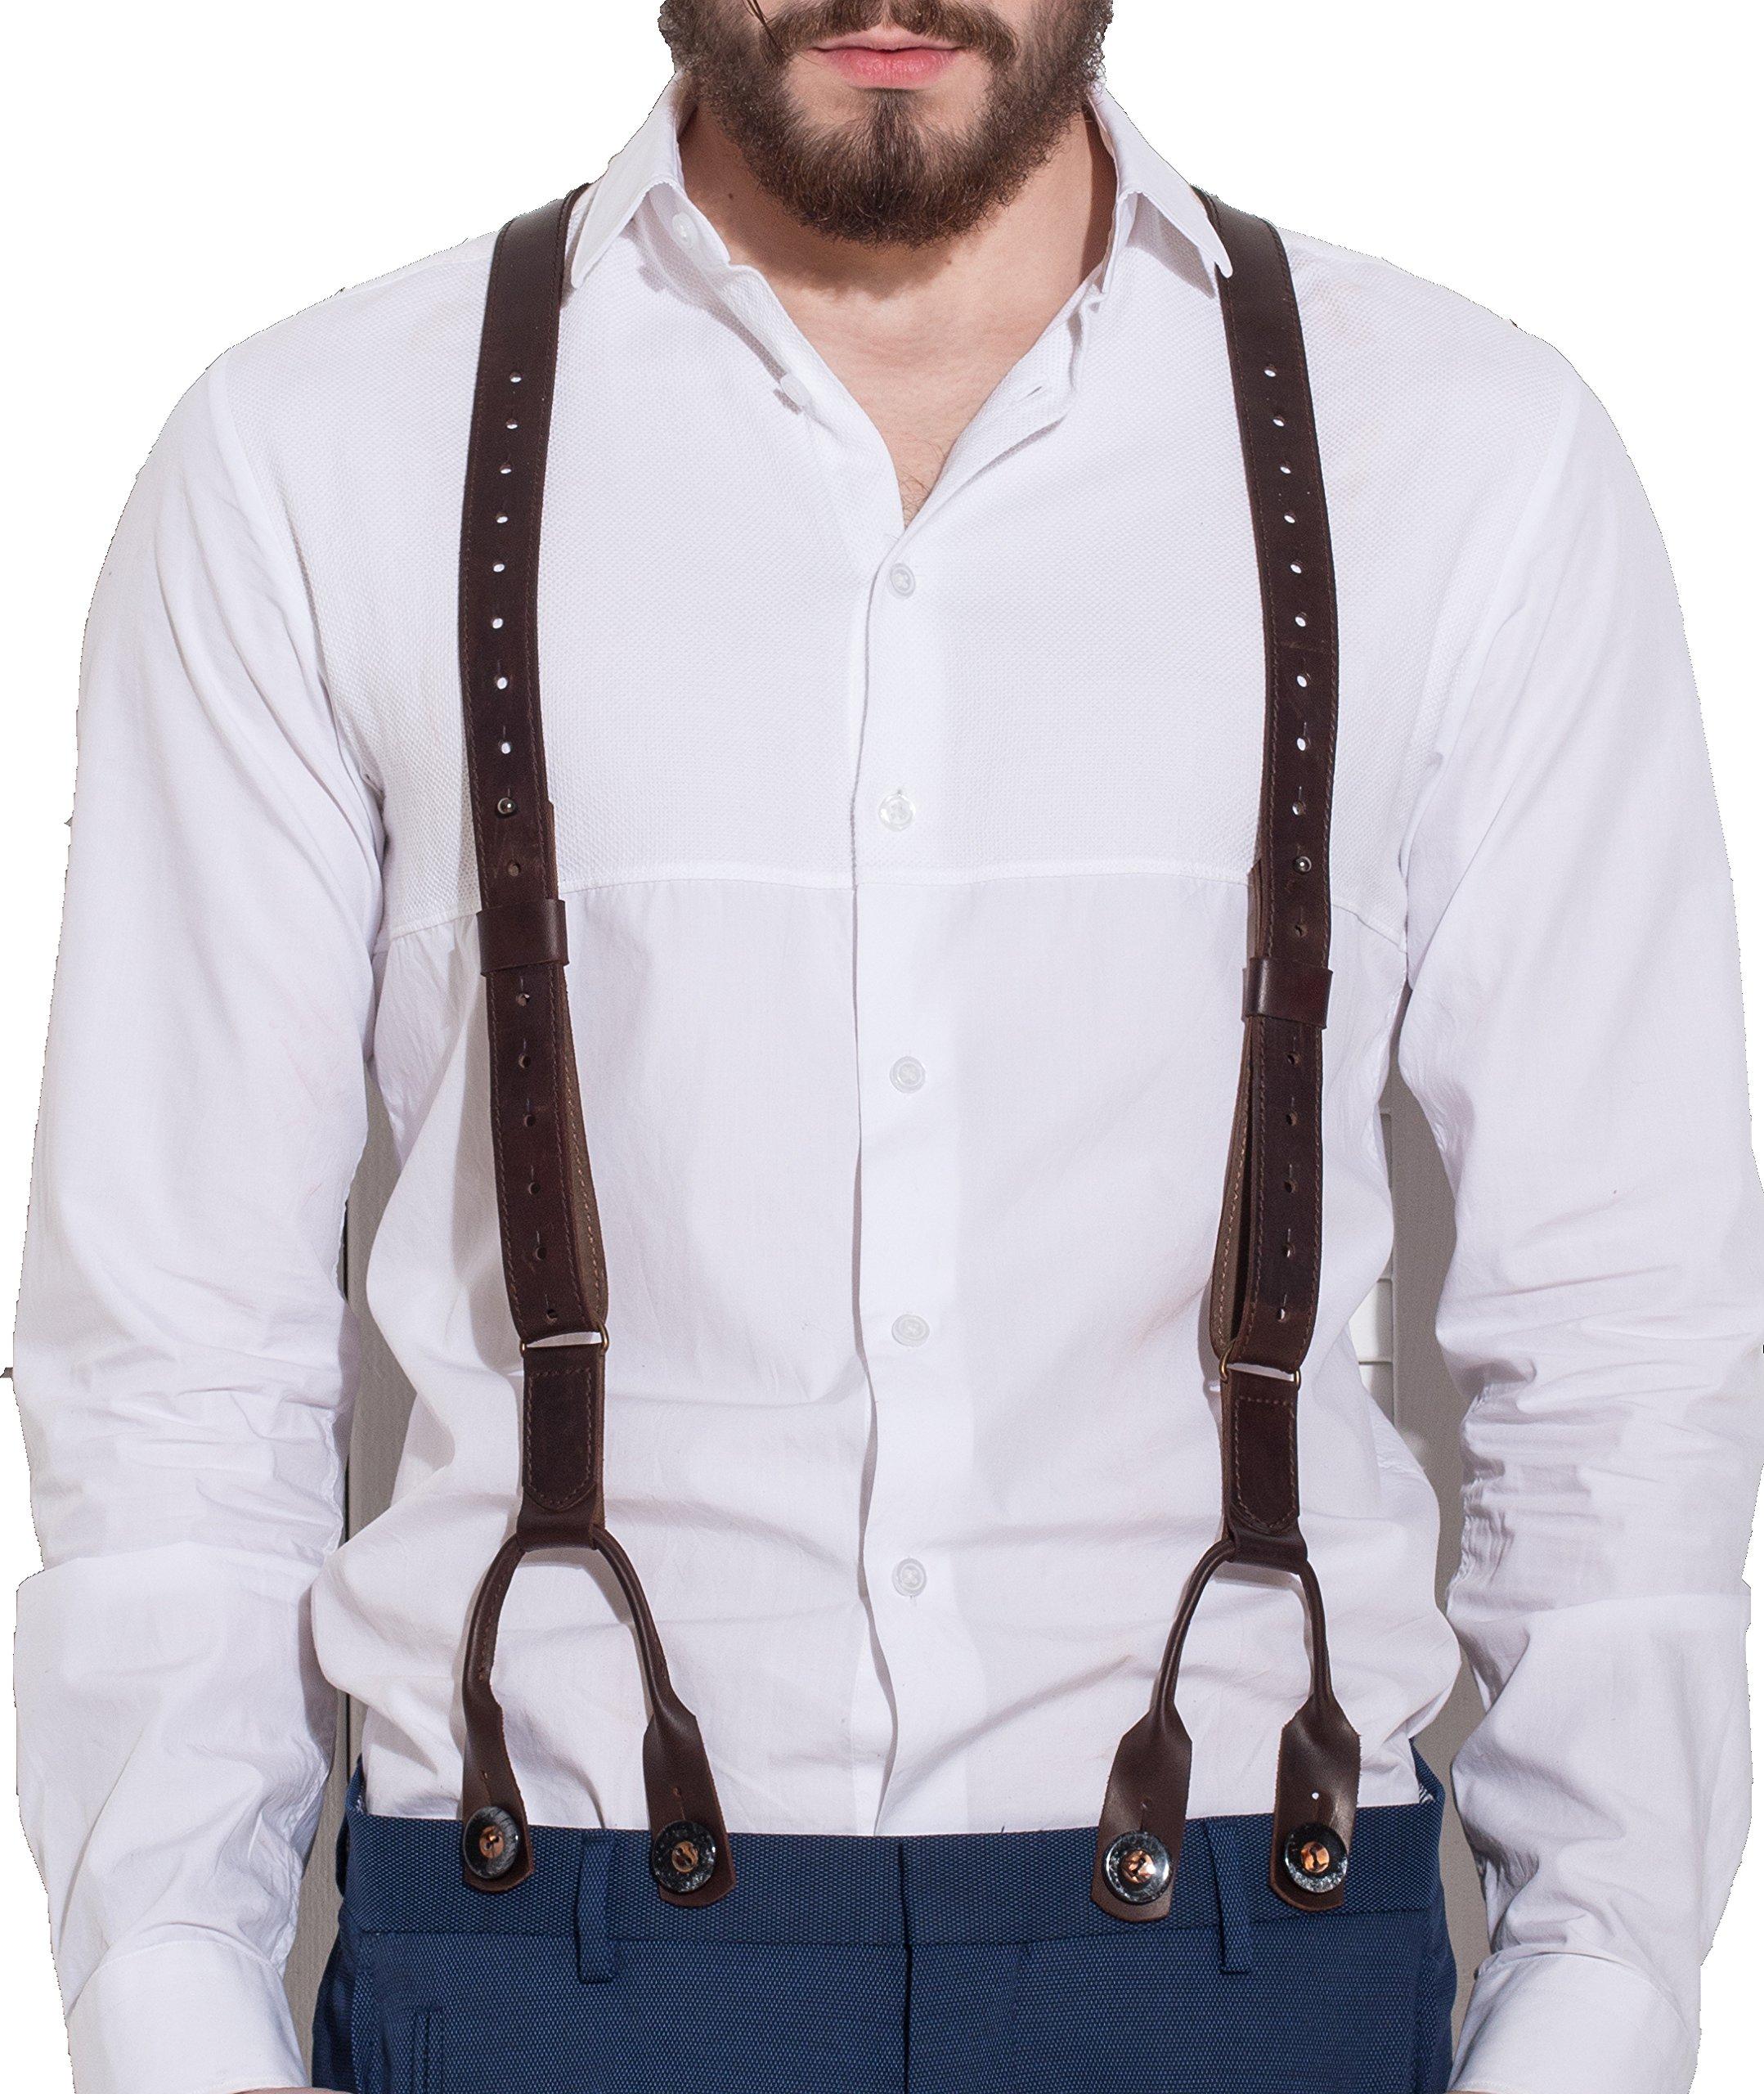 Men's Leather Suspenders Handmade Y-Back Vintage Braces Adjustable Brown Wedding Suspenders (from 5'9'' to 6'7'', Brown)2 types of fastening